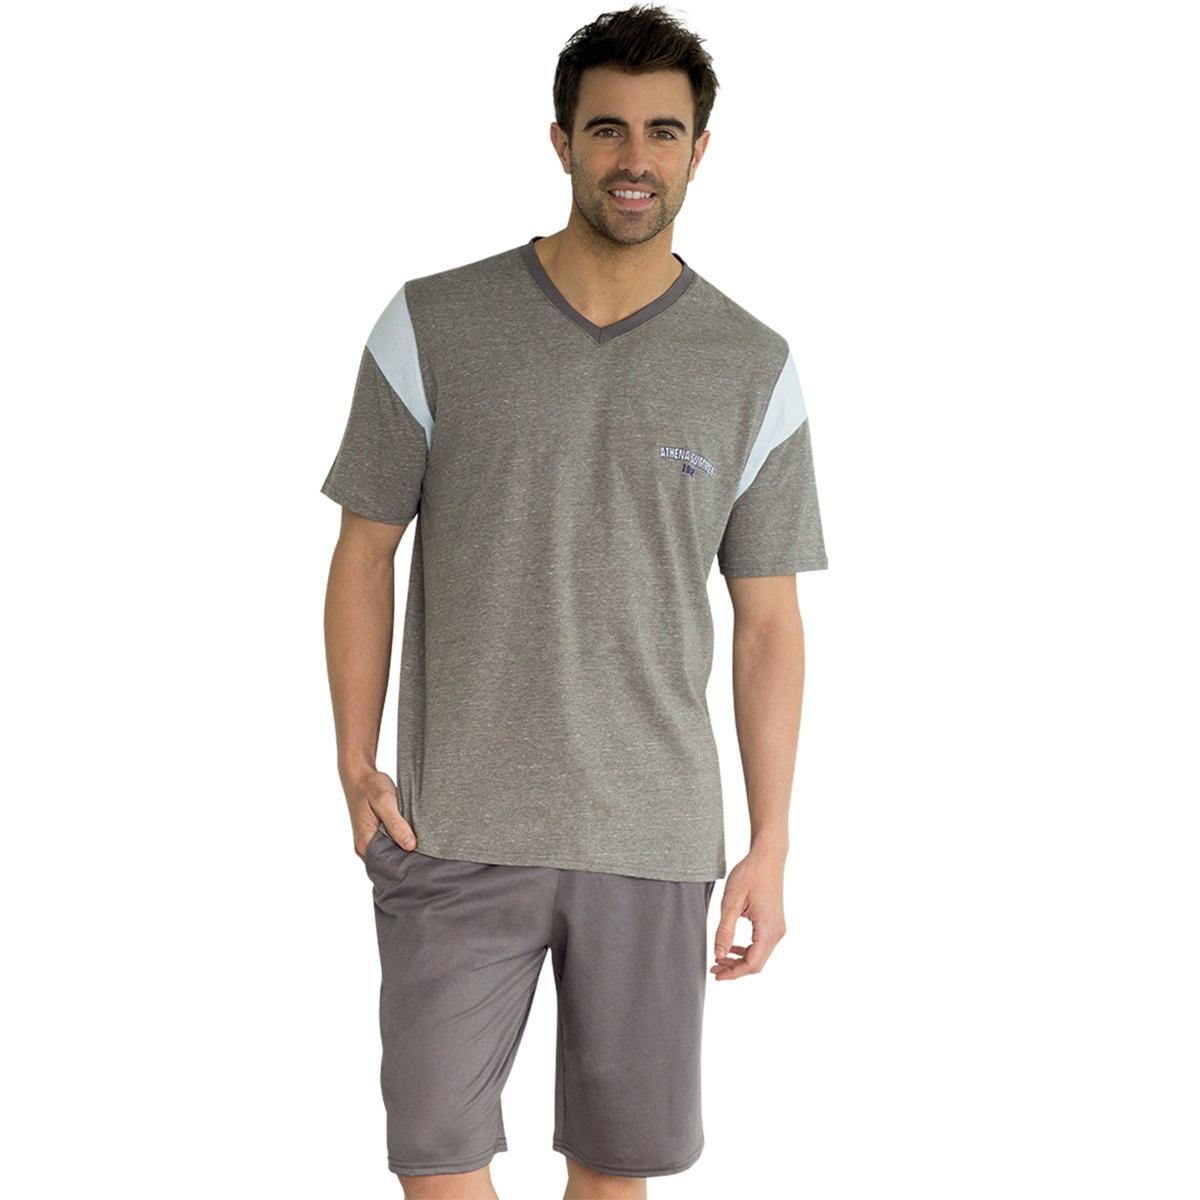 Пижама с шортами, короткие рукаваОписание:Пижама с шортами для мужчин с красивыми контрастными вставками от Athena. Стильная мужская пижама для моментов расслабления. Состав и описание :Пижама с шортами. Футболка с рисунком, короткими рукавами и V-образным вырезом. Шорты с эластичным поясомМатериал : 97 % хлопка, 3% полиэстера. Джерси. Марка: ATHENA.Уход :Стирать при 40° с вещами схожих цветов.Стирка и глажка с изнаночной стороны.Машинная сушка запрещена.<br><br>Цвет: серый<br>Размер: L.M